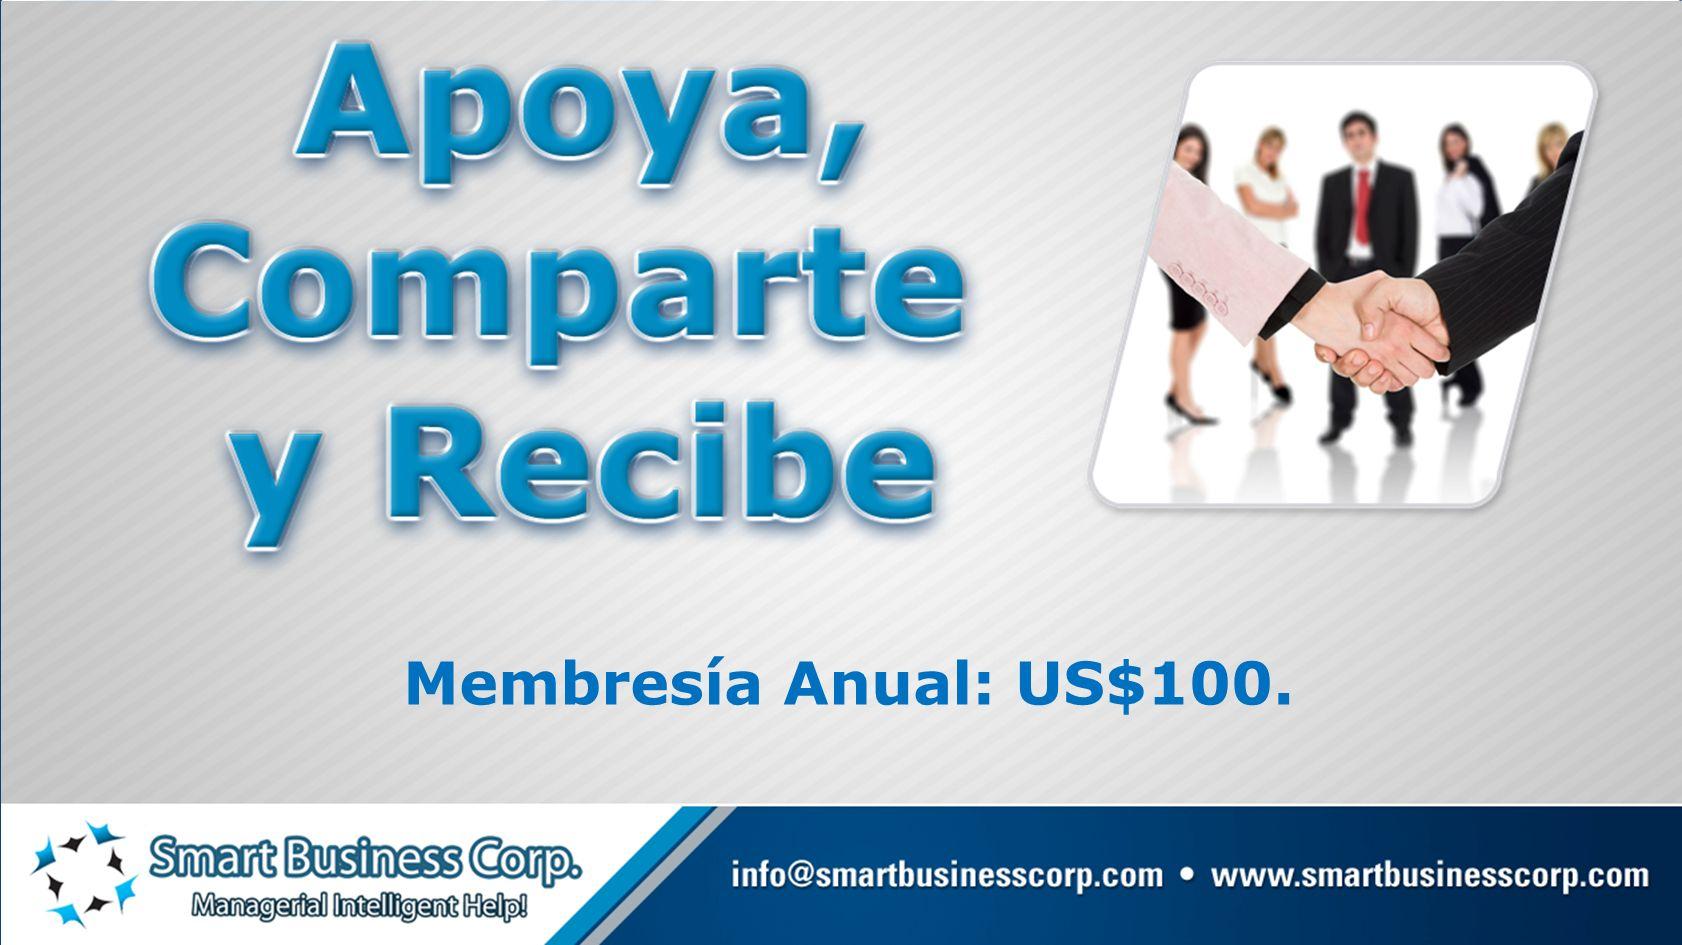 Membresía Anual: US$100.